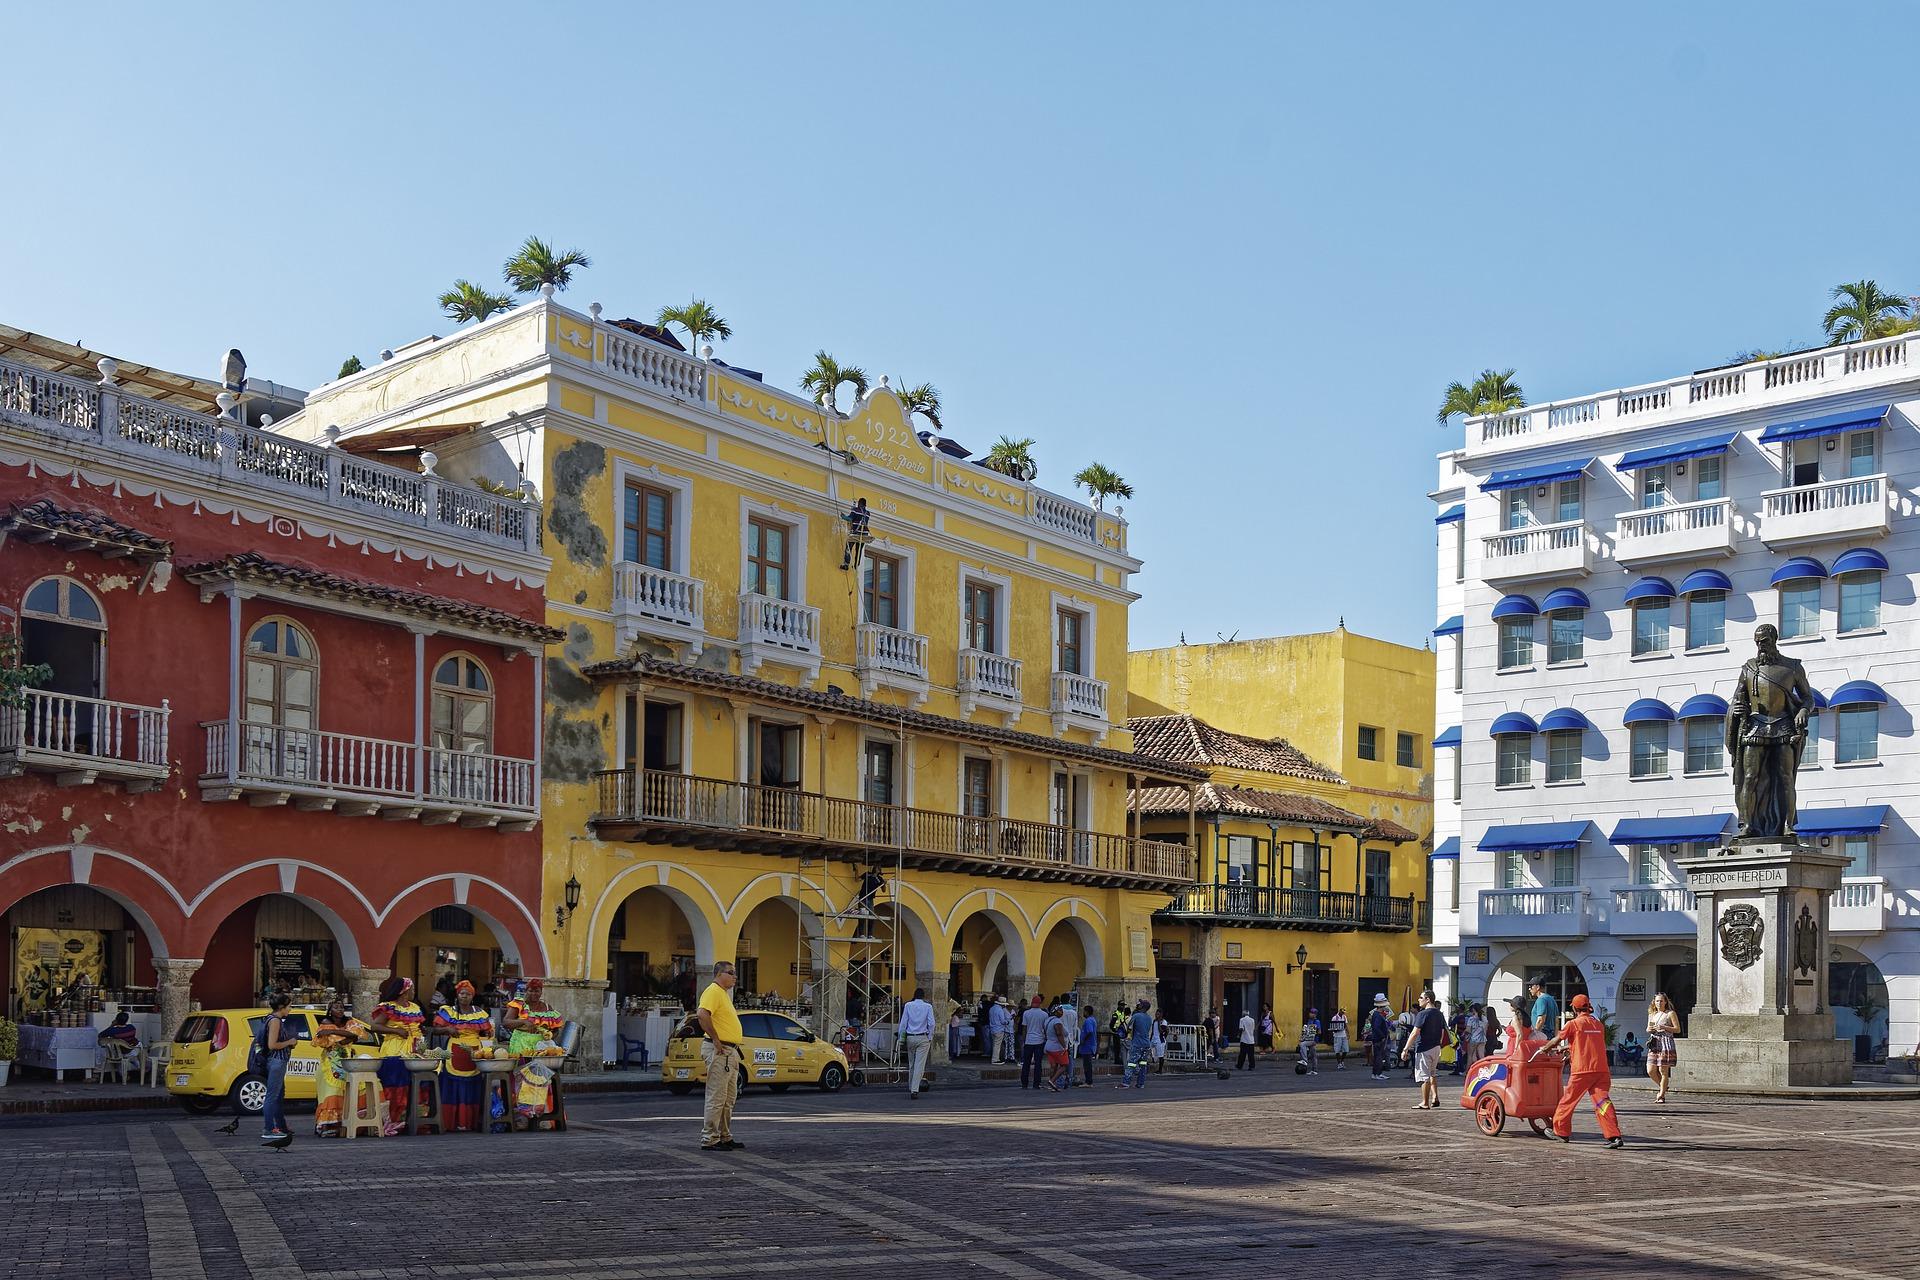 melhores lugares para viajar na América Latina: Cartagena das Índias